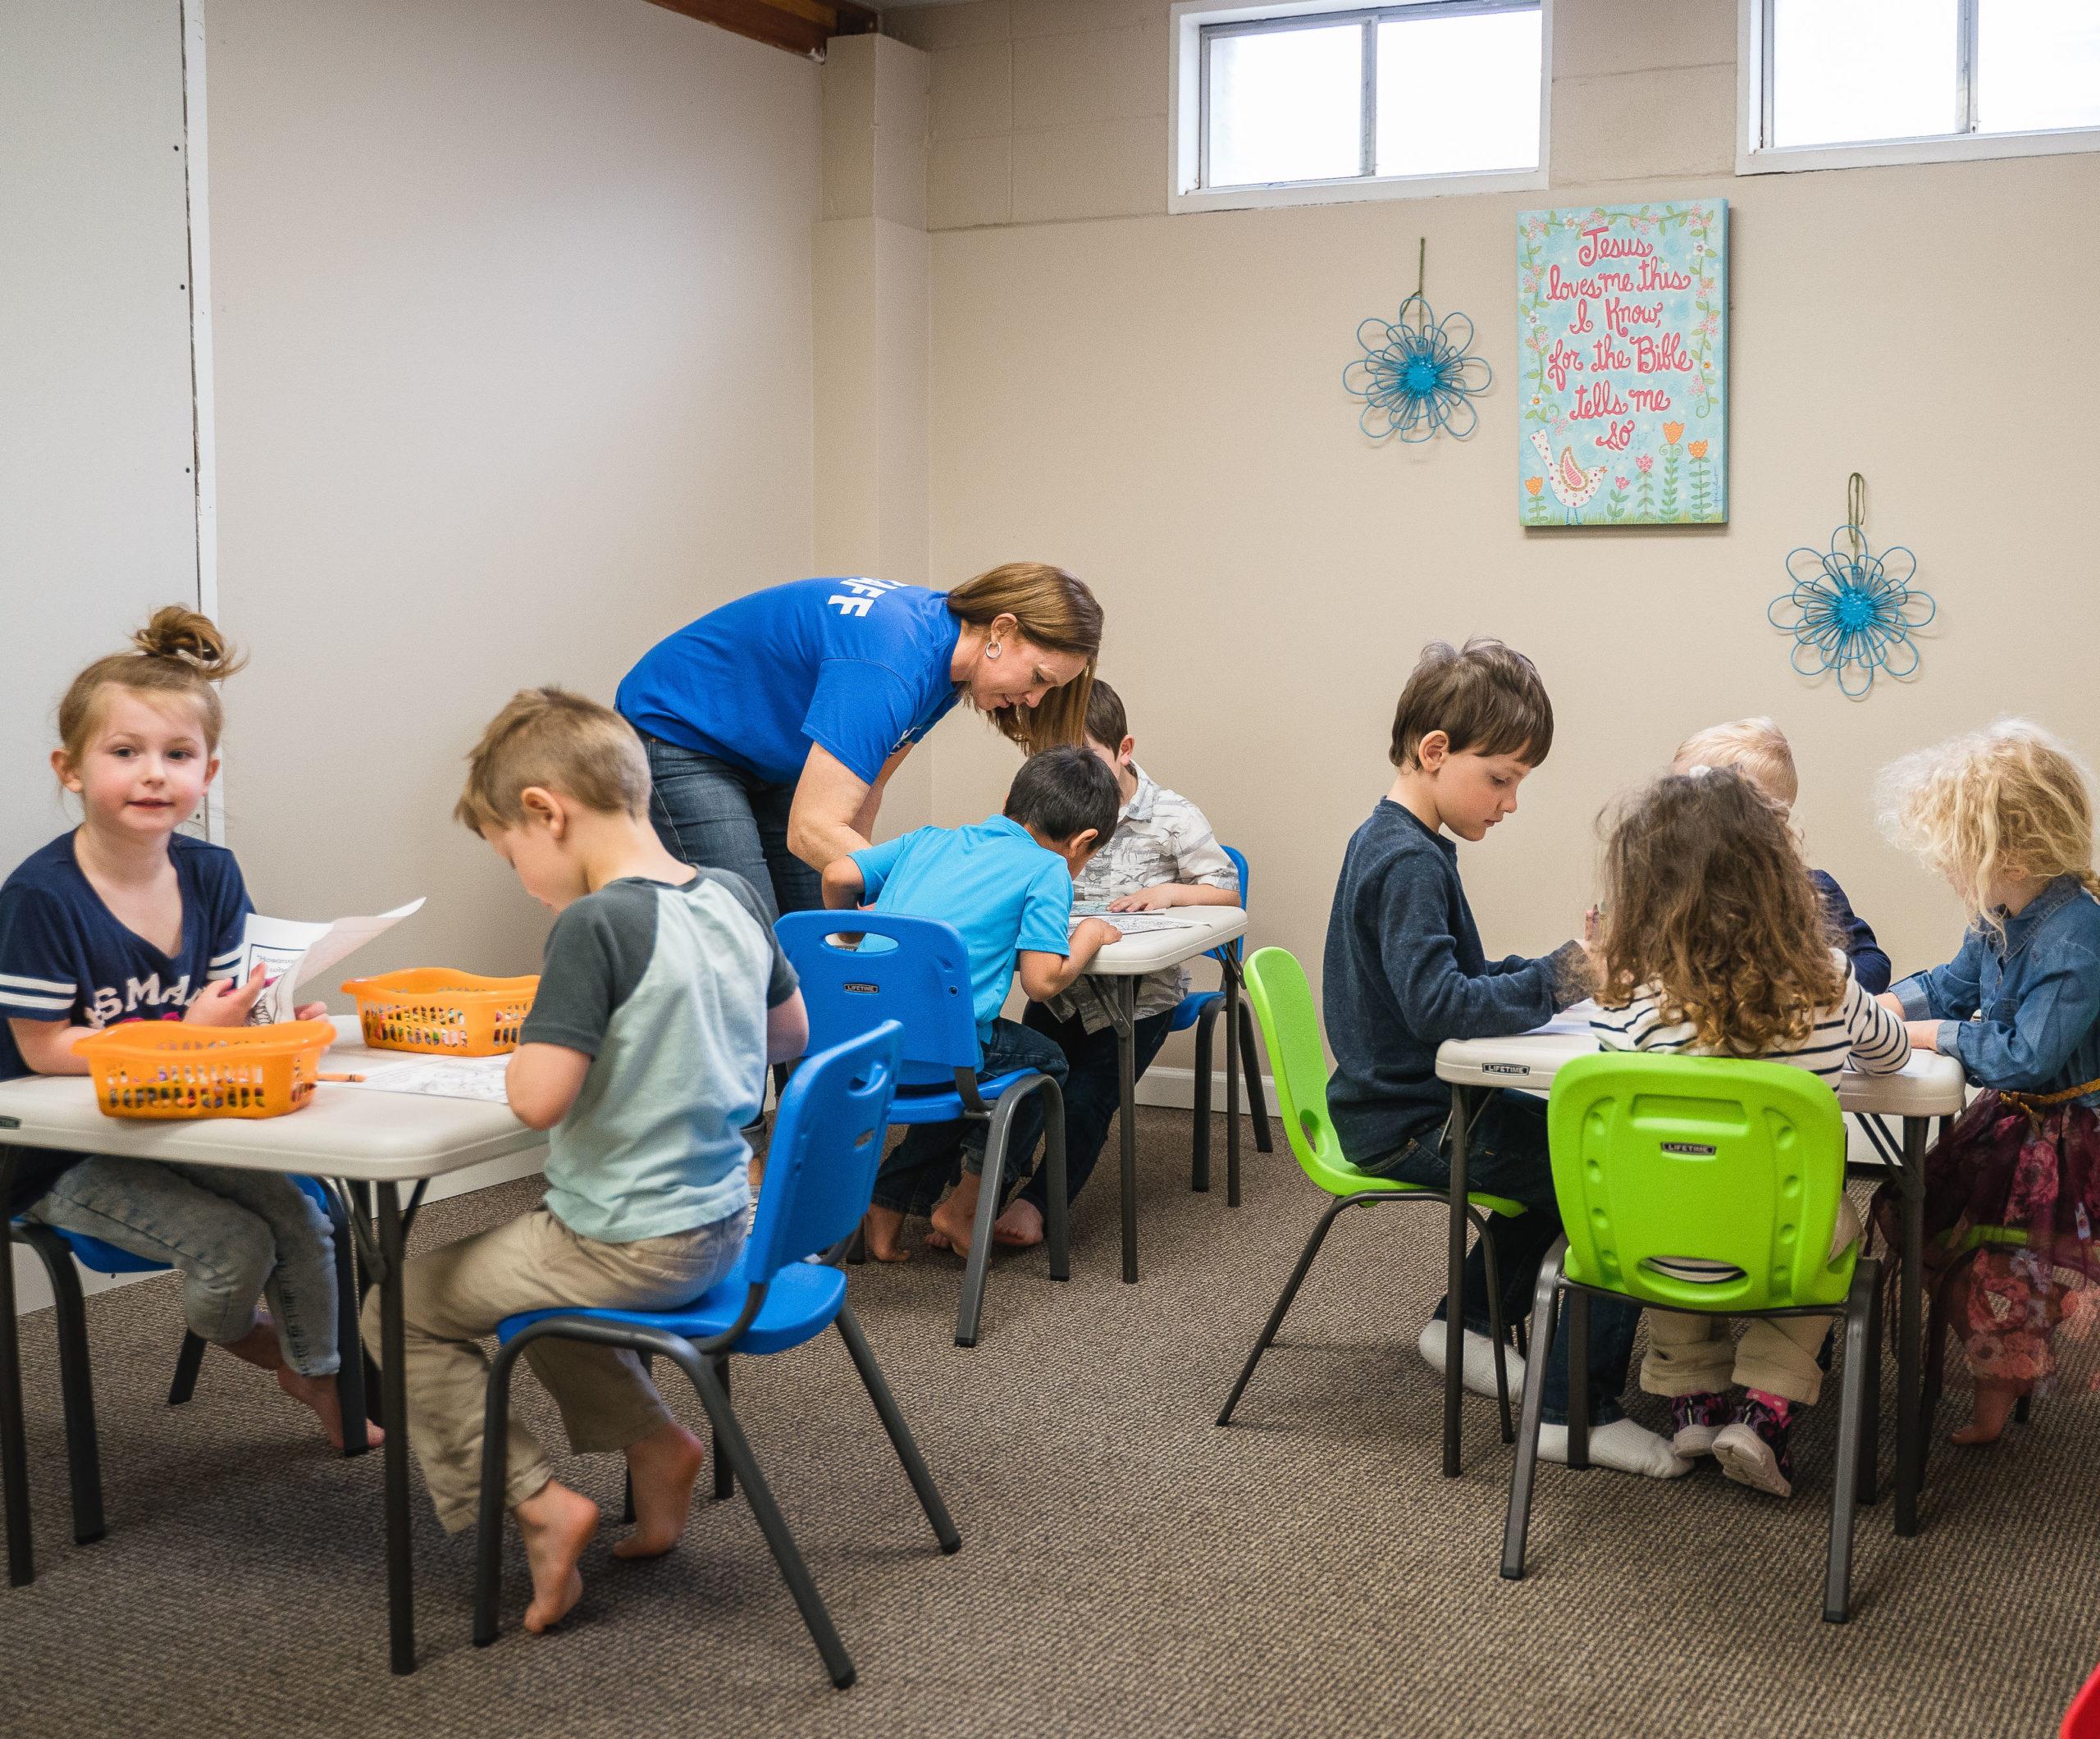 Little Faith Kids Group at Faith Family Billings Church, Billings, MT